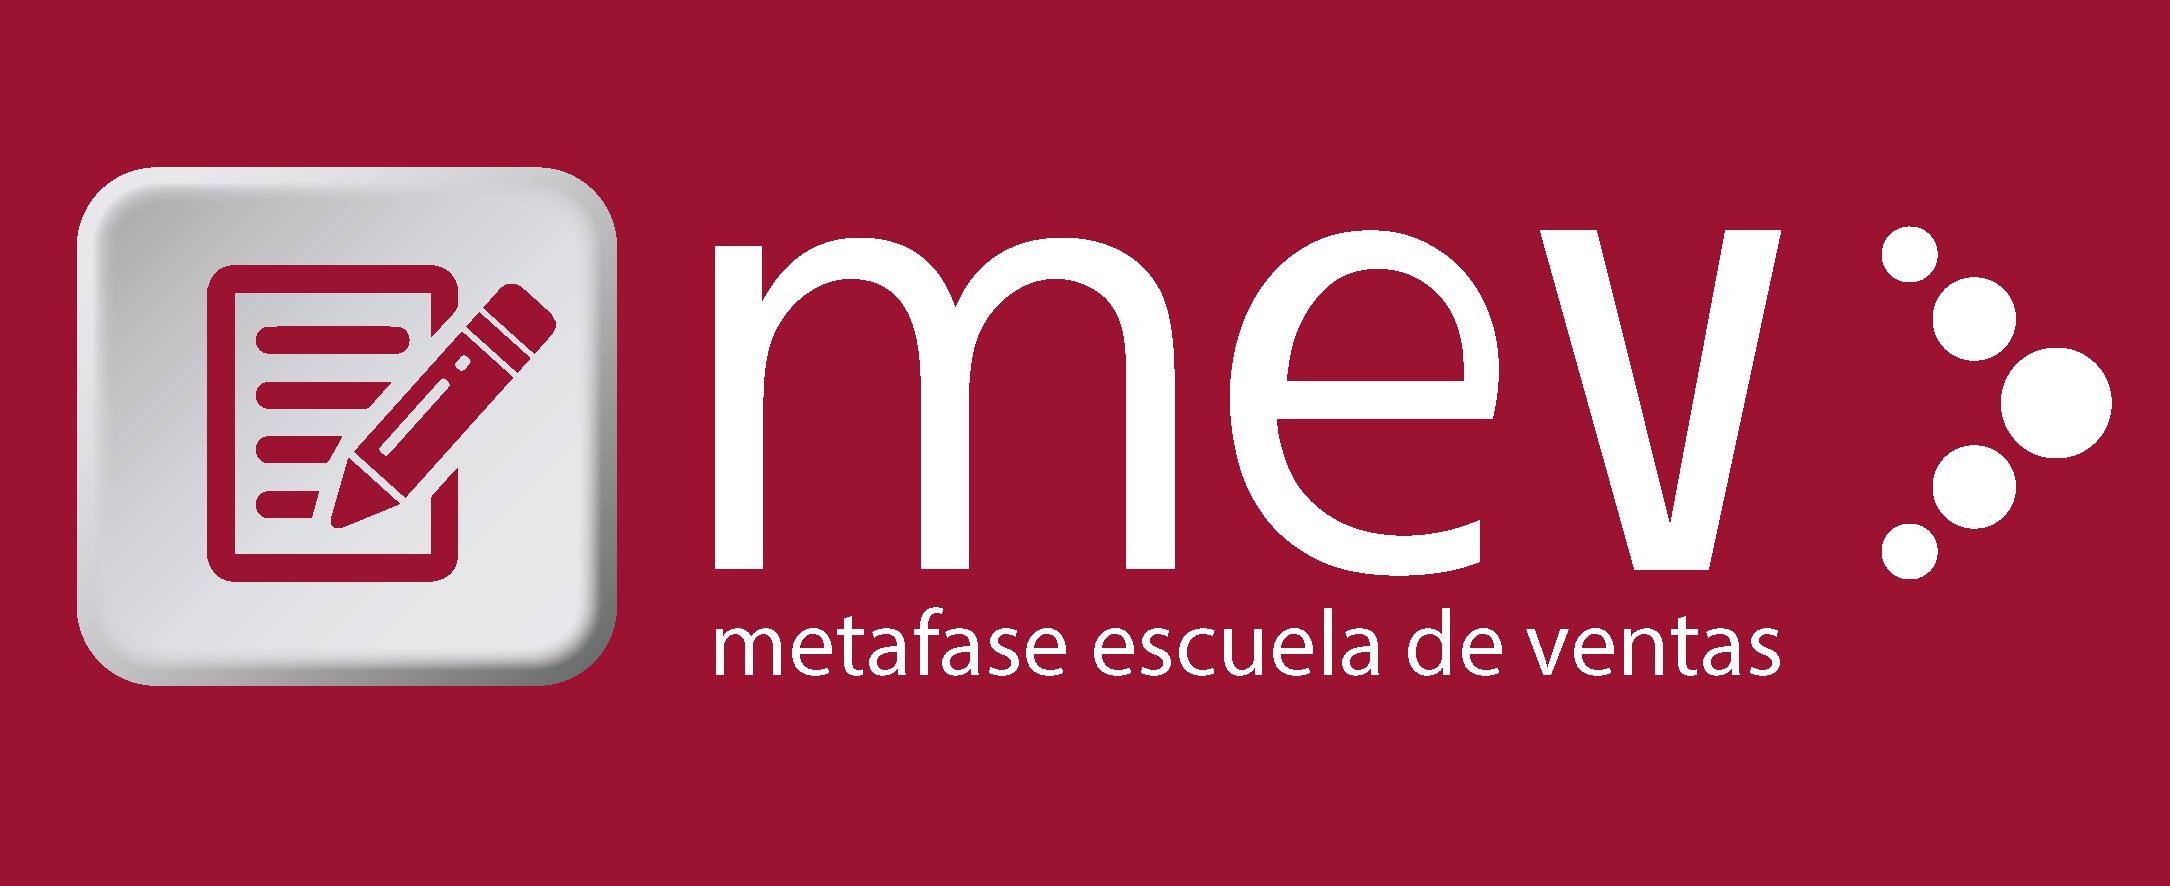 metafase-escuela-de-ventas